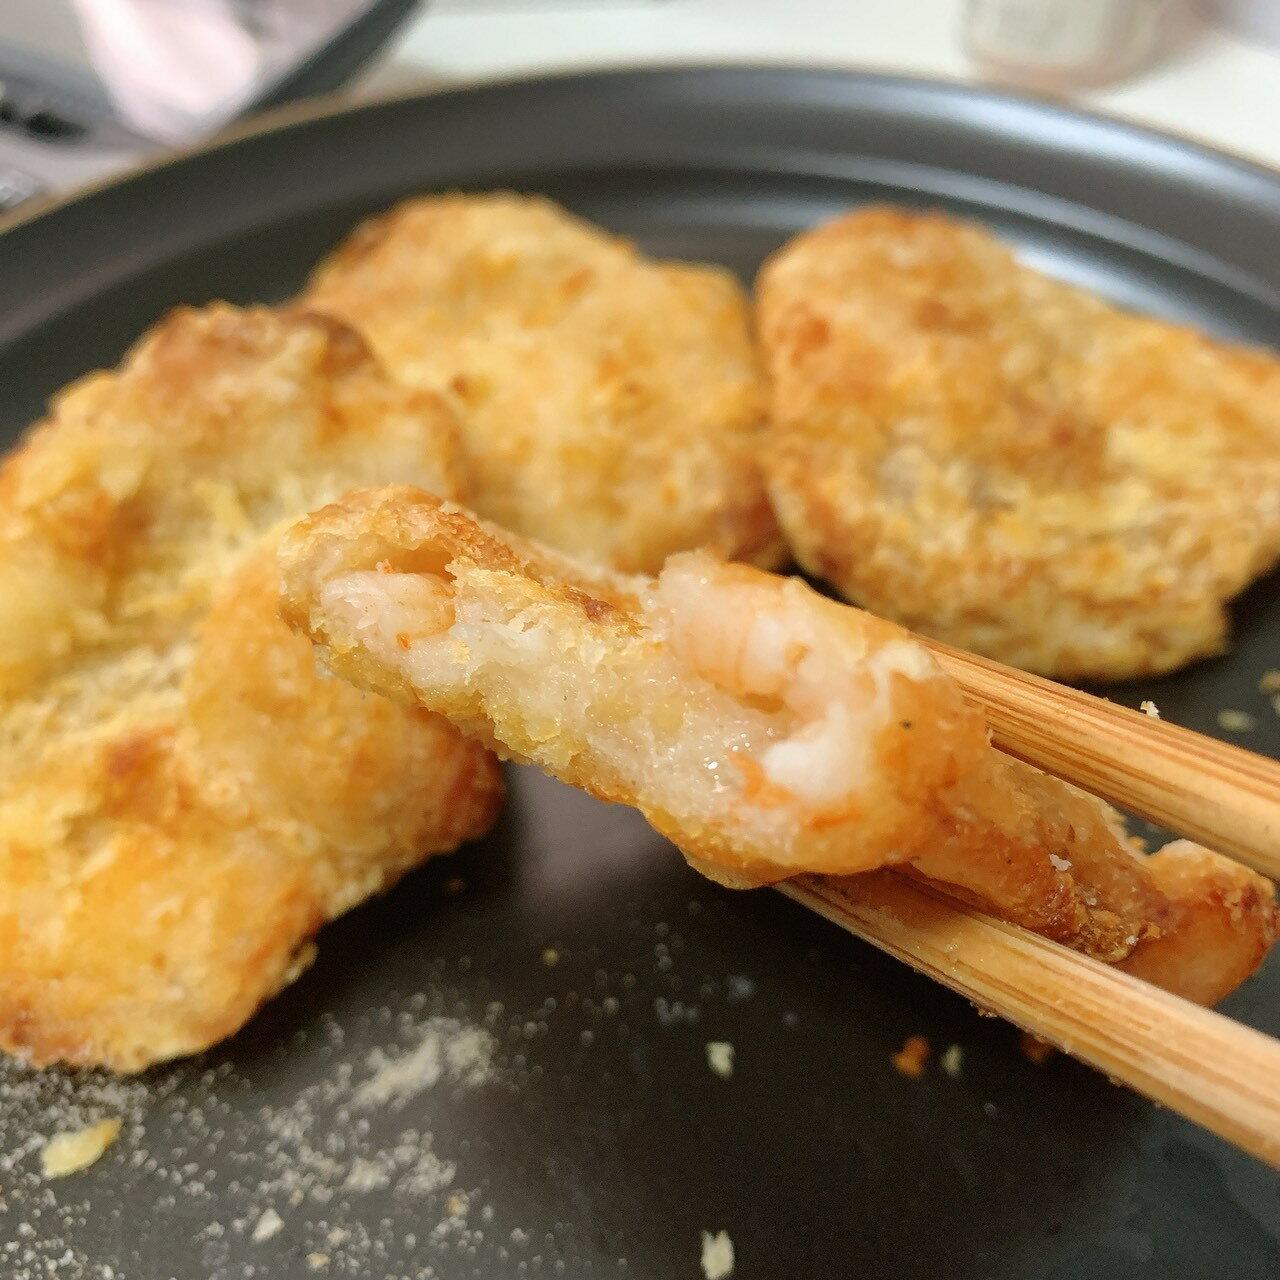 【易特生鮮】真材實料花枝蝦排(300g/包)➤宏裕行大廠,熱銷商品